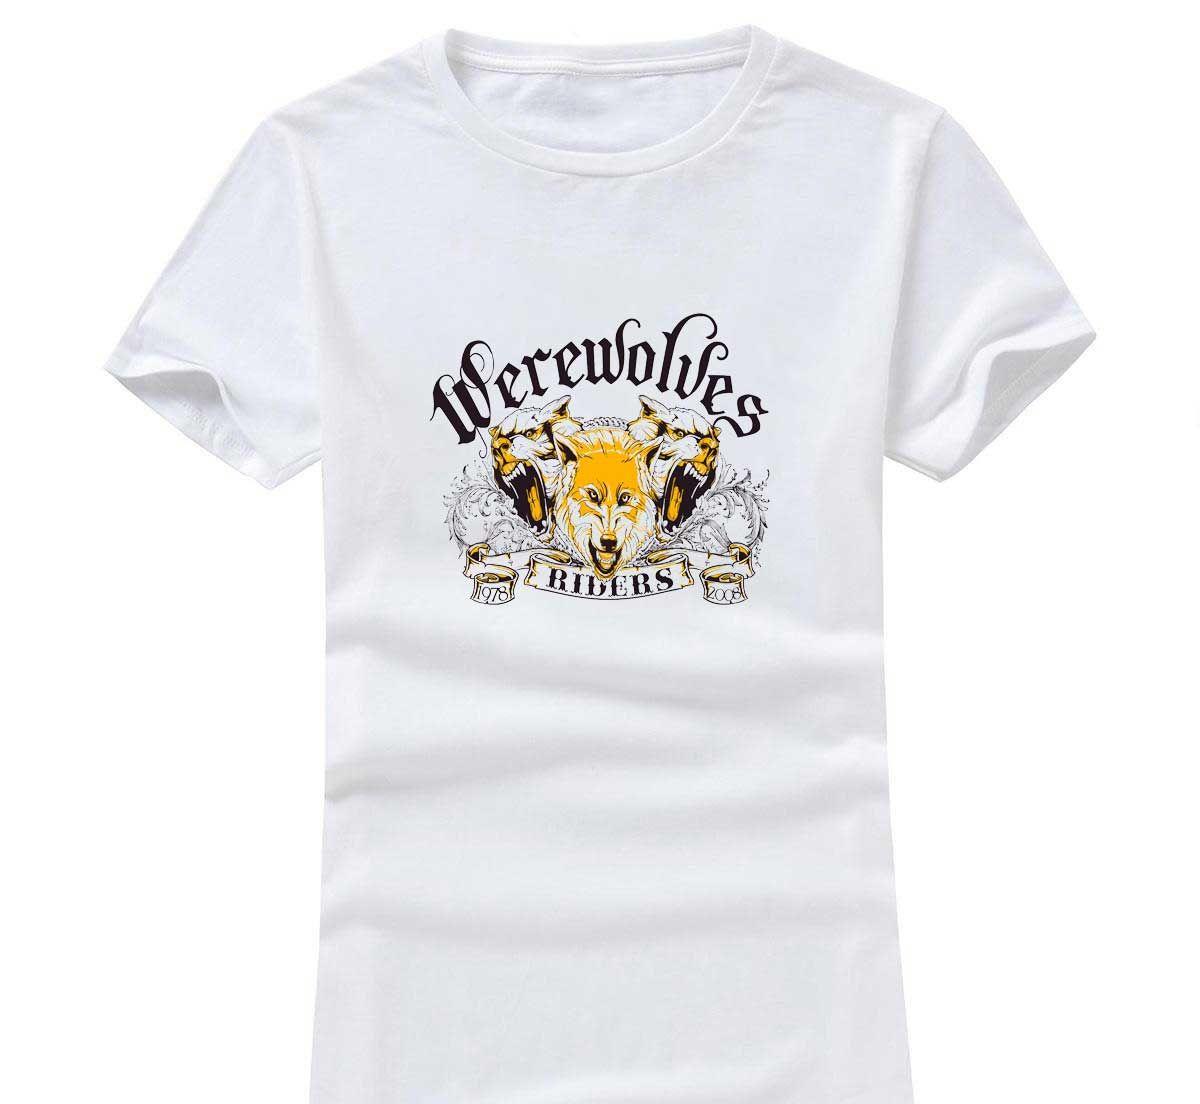 Wolf Rider 2020 Новая одежда Мода Женщины / Мужчины Хлопок O шеи с коротким рукавом печати вскользь футболки рыхлой персонализированный уникальные тройники оптом